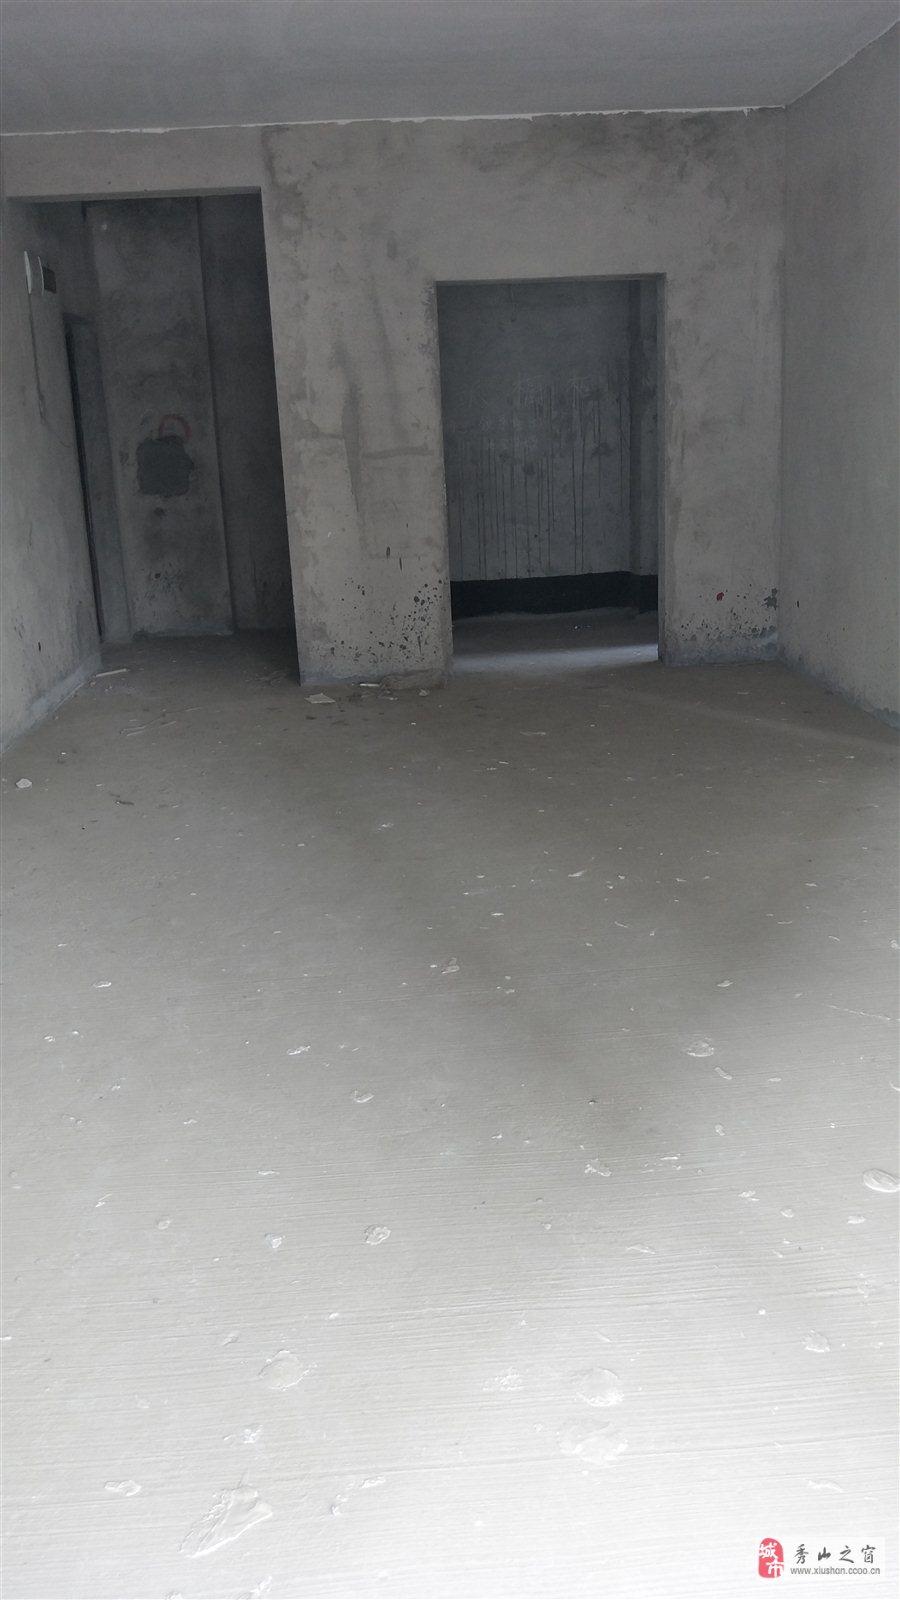 汽車站附近電梯清水房三室兩廳兩衛出售